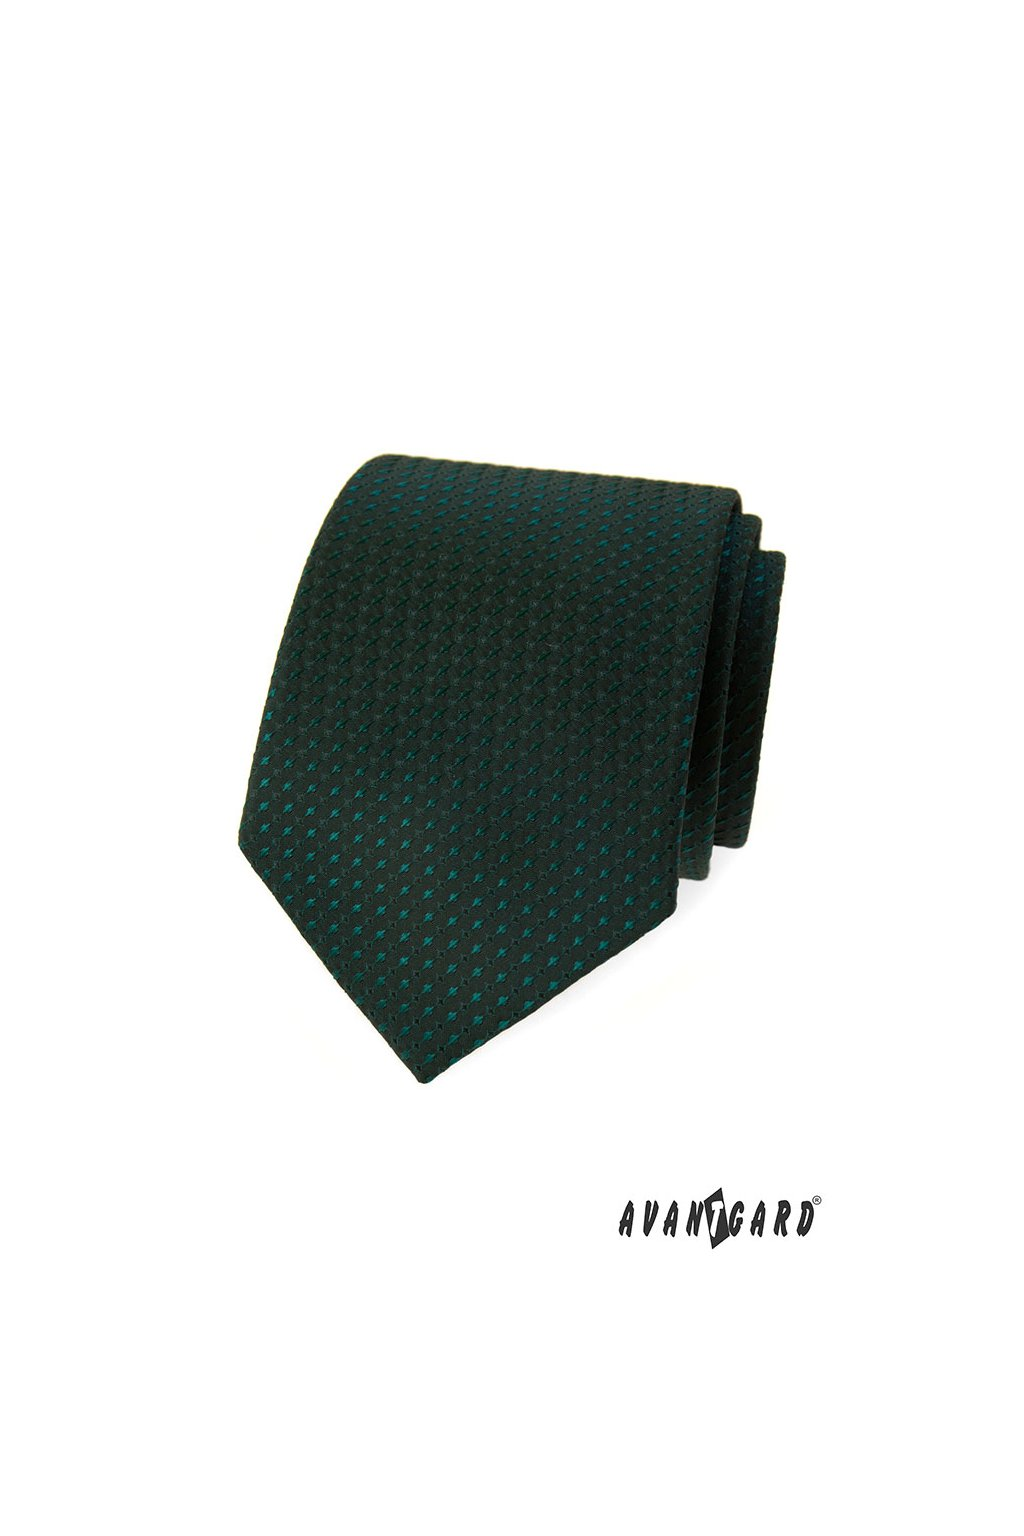 Tmavě zelená luxusní kravata s tečkou 561 - 2056